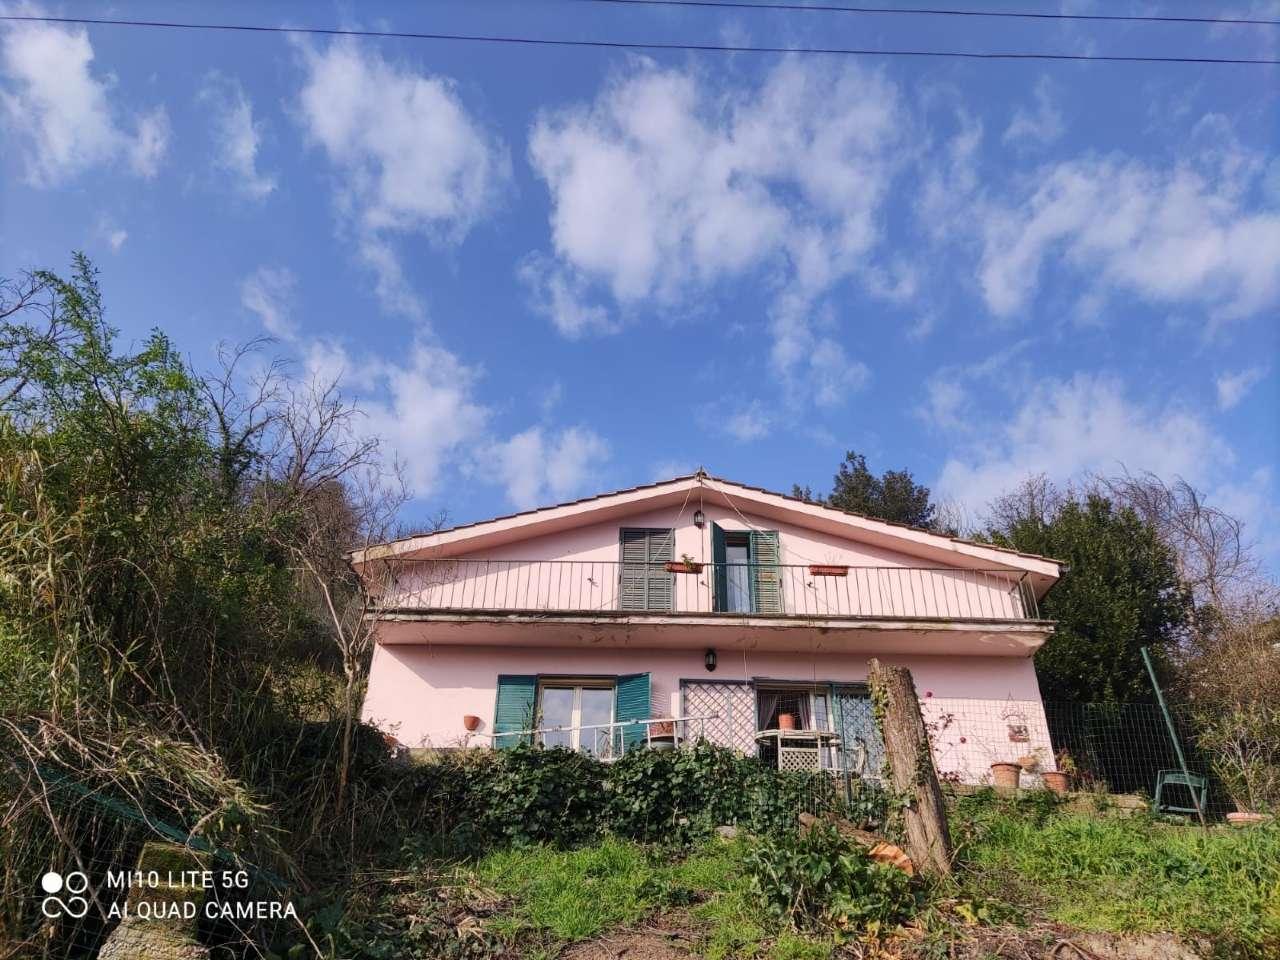 Villa in vendita a Morlupo, 5 locali, prezzo € 130.000 | CambioCasa.it